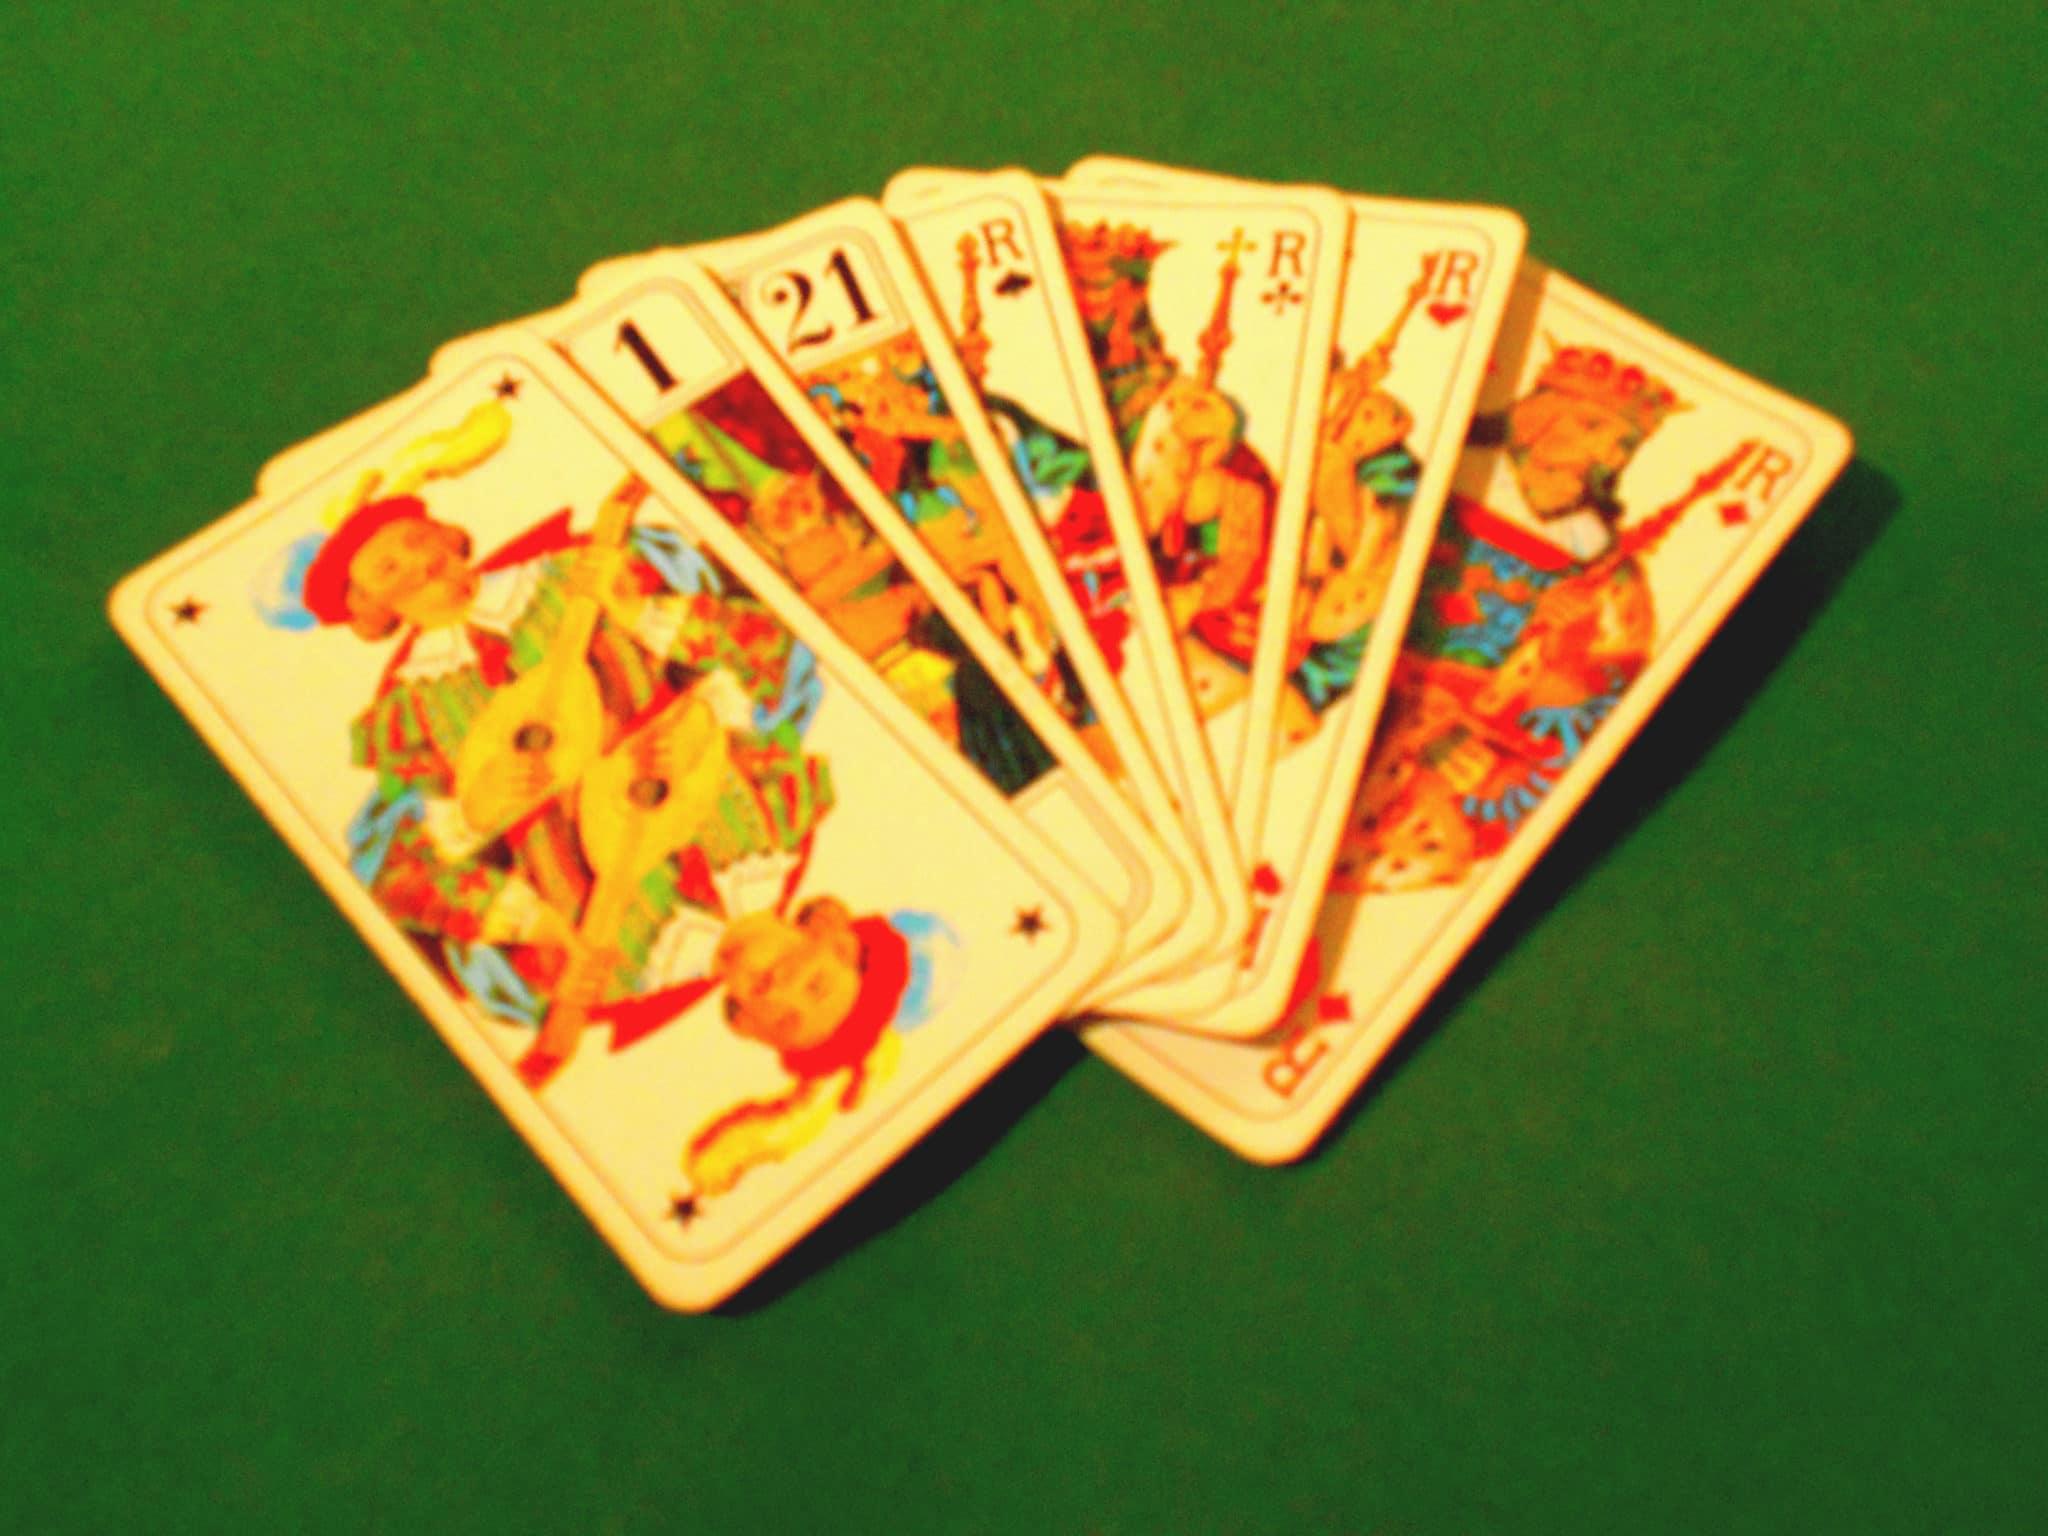 Regla del tarot de 3 jugadores